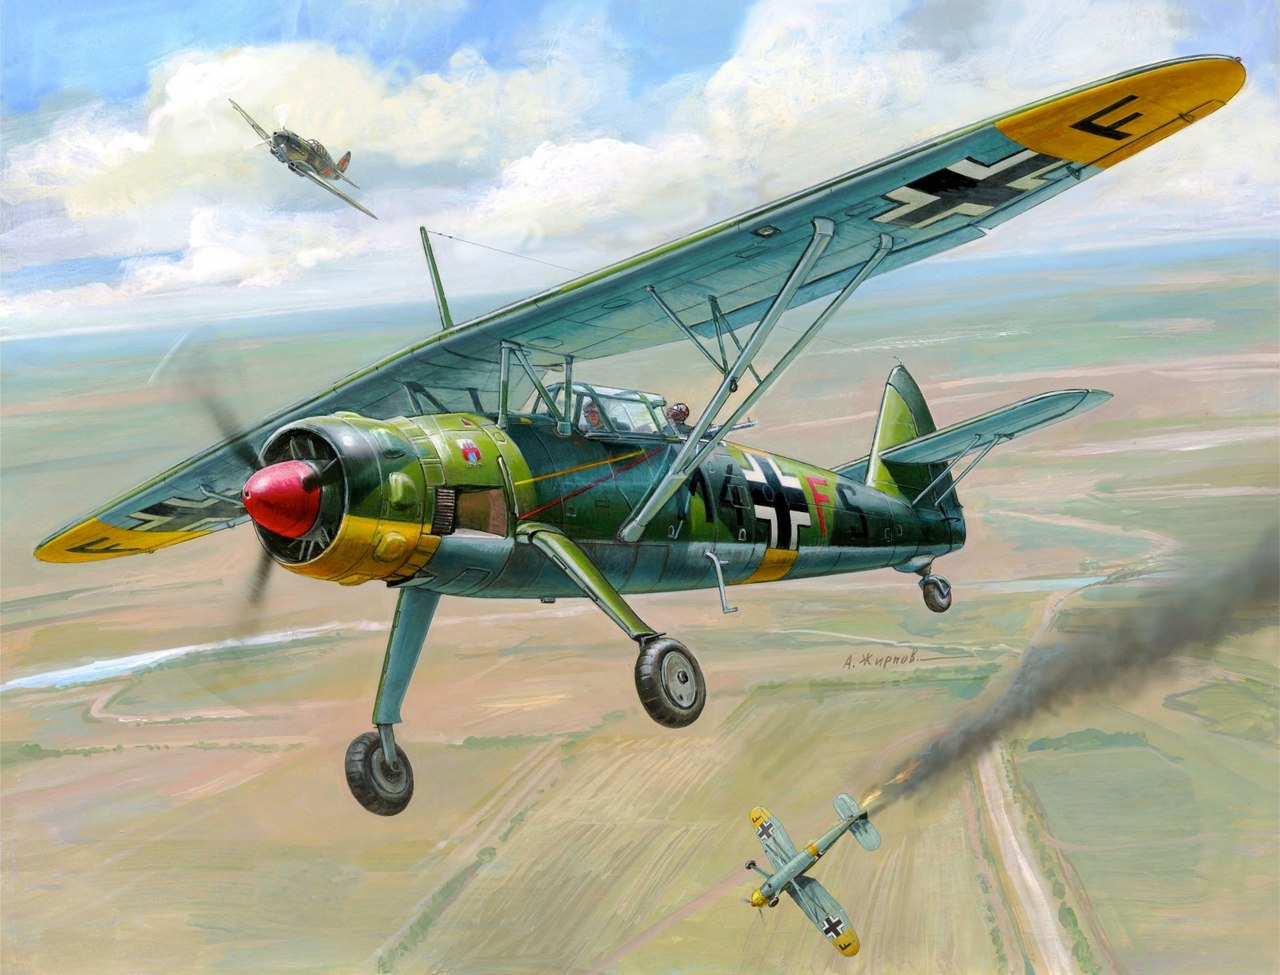 Жирнов Андрей. Самолет-разведчик Hs.126B-1.